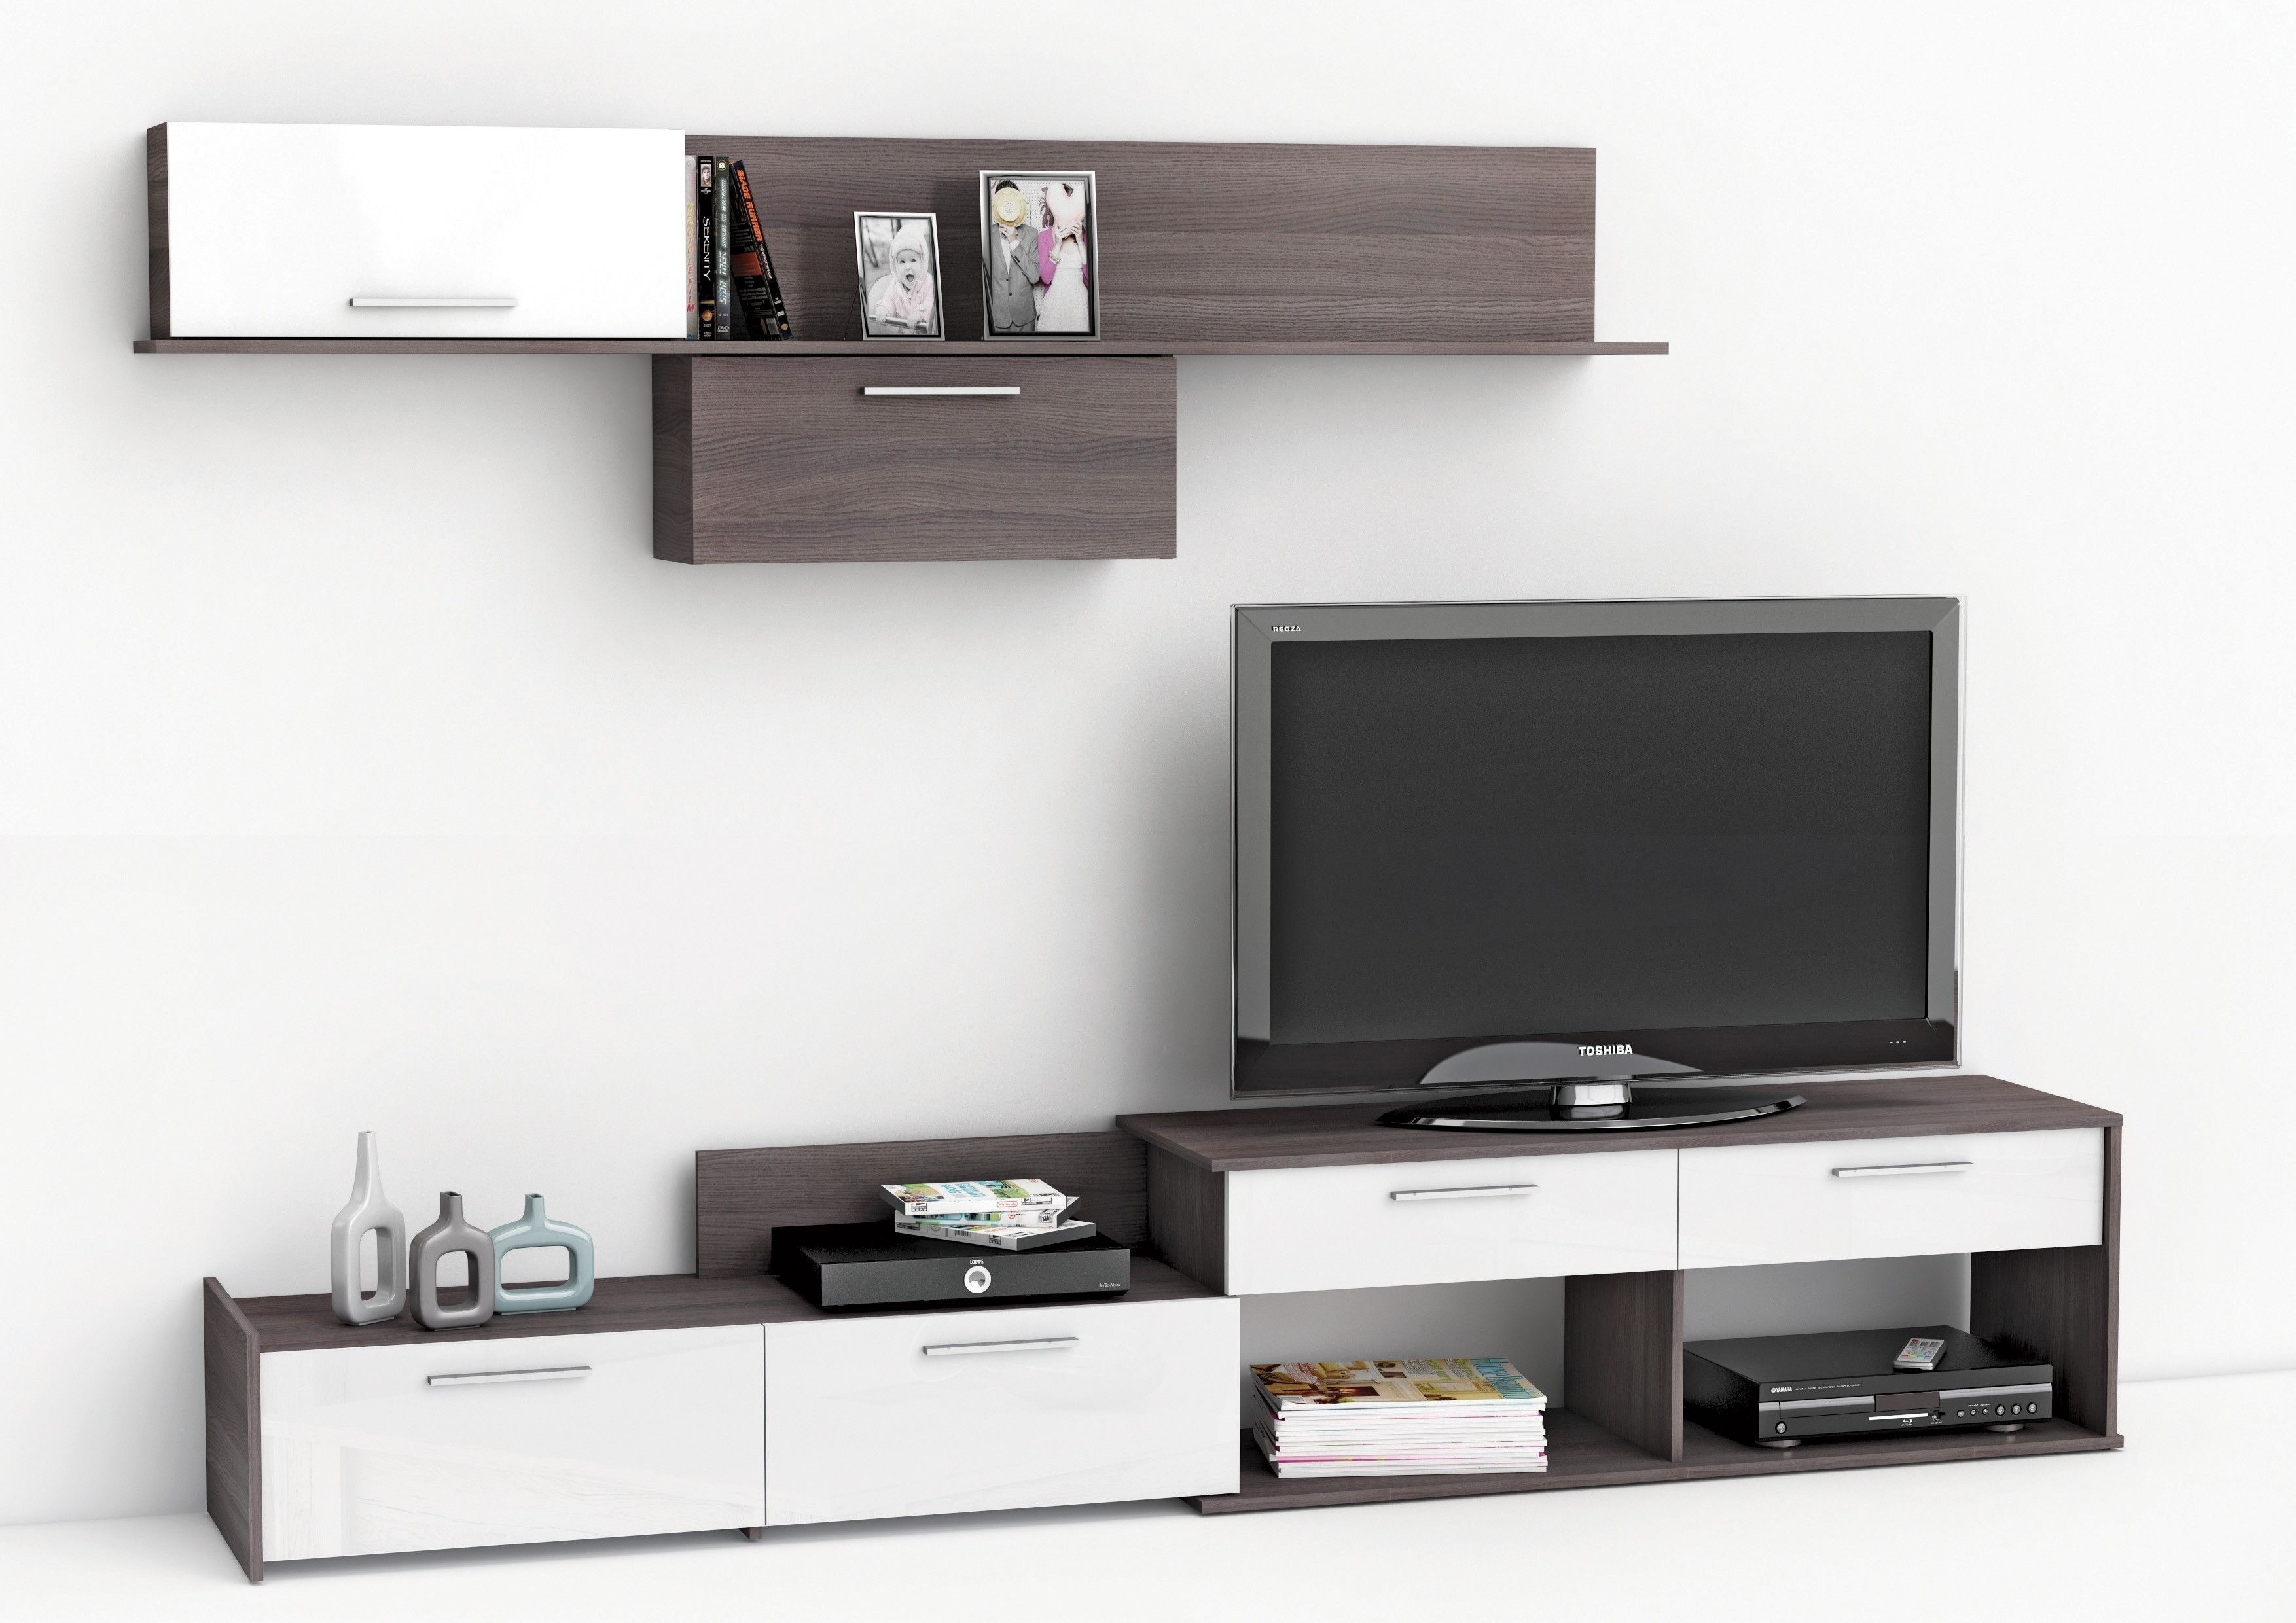 28 Beau Camif Meuble Tv Suggestions Camif Meuble Meuble Tv Mural Design Meuble De Bureau Ikea Meuble Tv Chambre